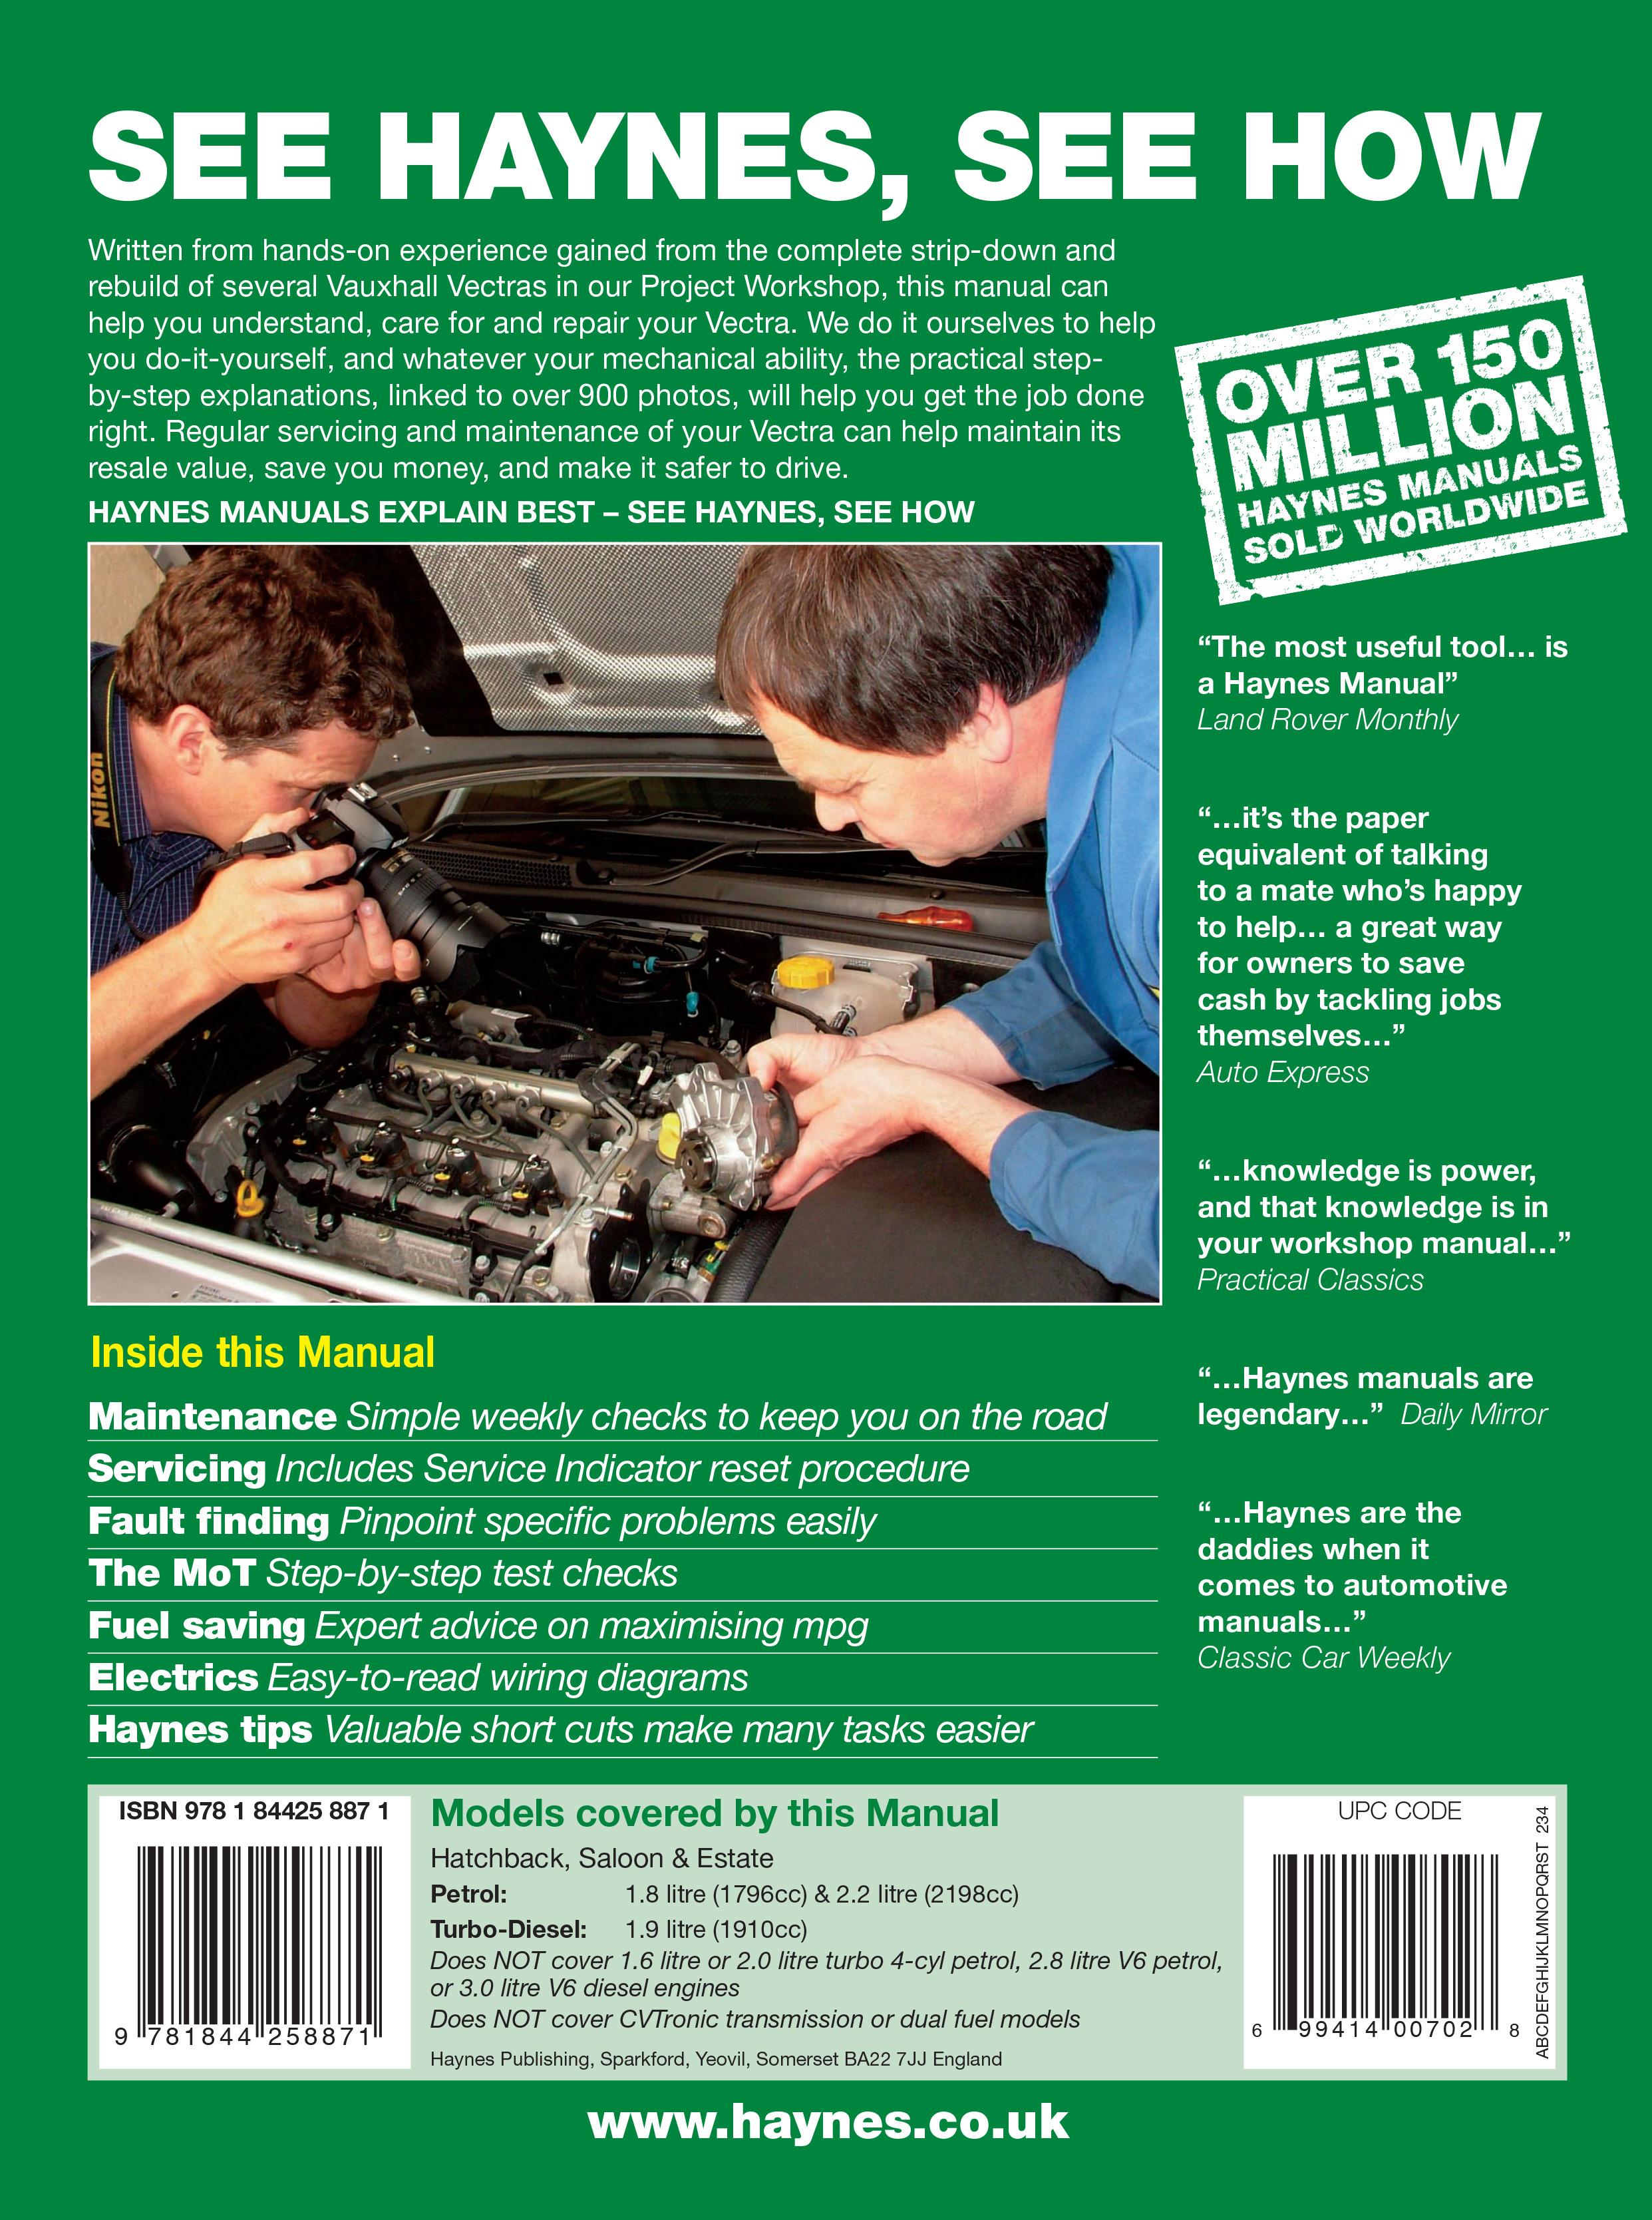 Haynes 4887 back cover vauxhall opel vectra petrol & diesel (oct 05 oct 08) haynes haynes wiring diagram legend at soozxer.org